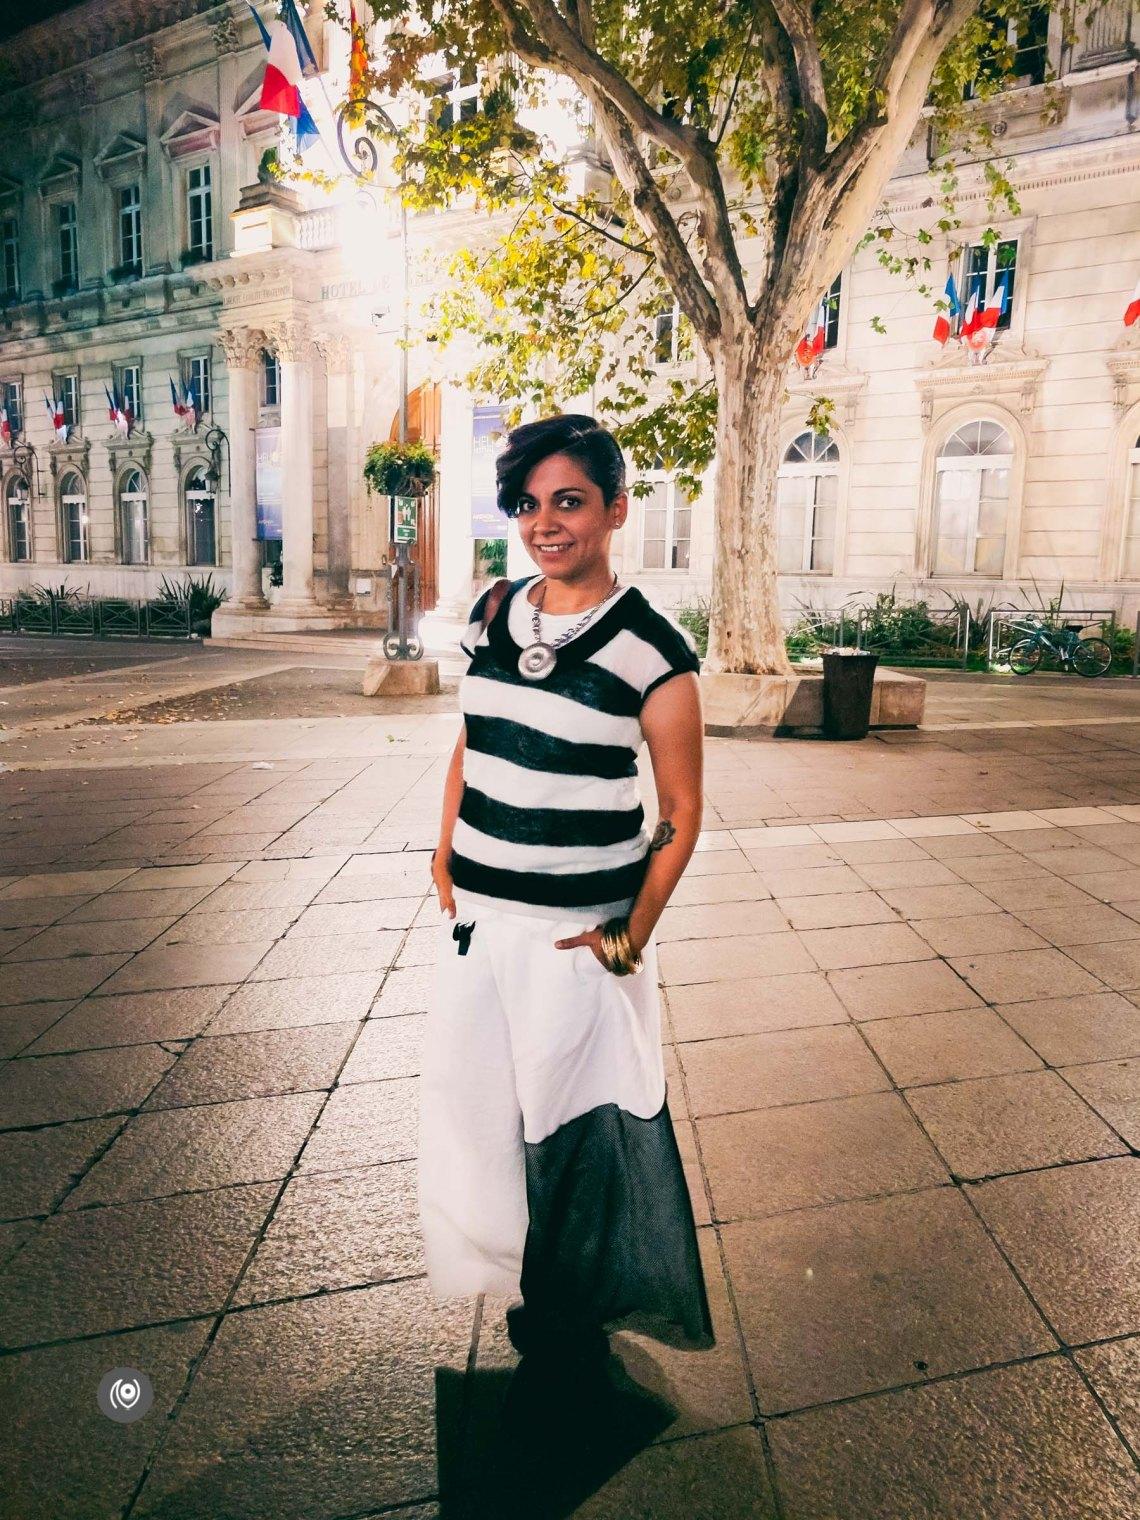 Naina.co, Naina Redhu, EyesForDestinations, EyesForFrance, EyesForAvignon, Avignon, France, Provence, Travel Photographer, Travel Blogger, EyesForLuxury, Luxury Photographer, Luxury Blogger, Lifestyle Photographer, Lifestyle Blogger, Le Mirande, Hotel, Restaurant, EyesForDining, Palais des Papes, Palace of the Popes, Dinner, NAINAxMathieuLustrerie, Chandeliers, Professional Photographer, Professional Blogger